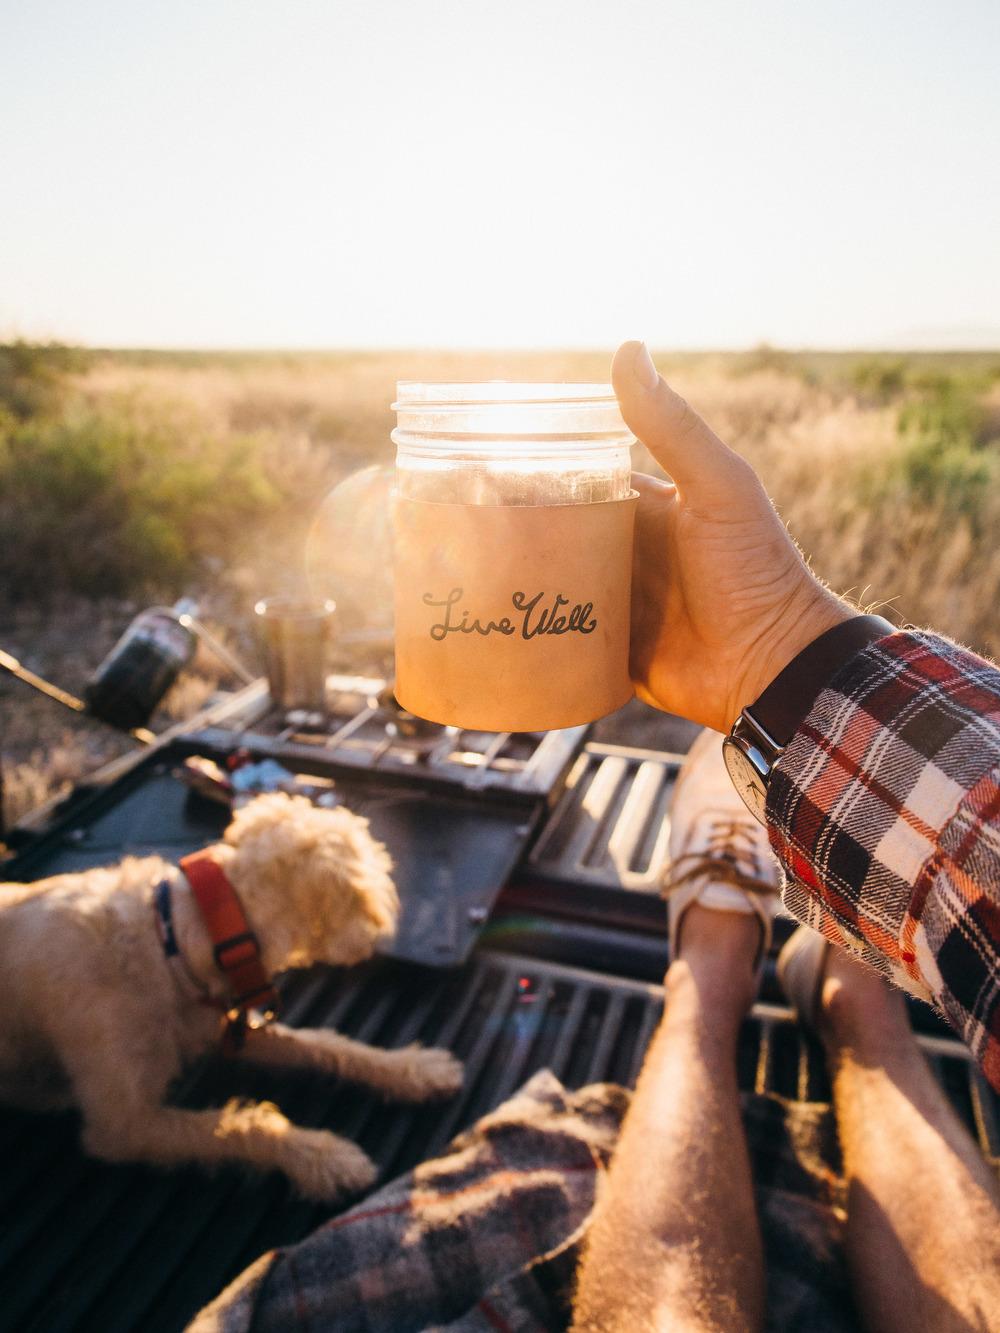 marfa del rio west texas tx camping america yall americayall jeremy pawlowski vsco olympus omd (5 of 23).jpg